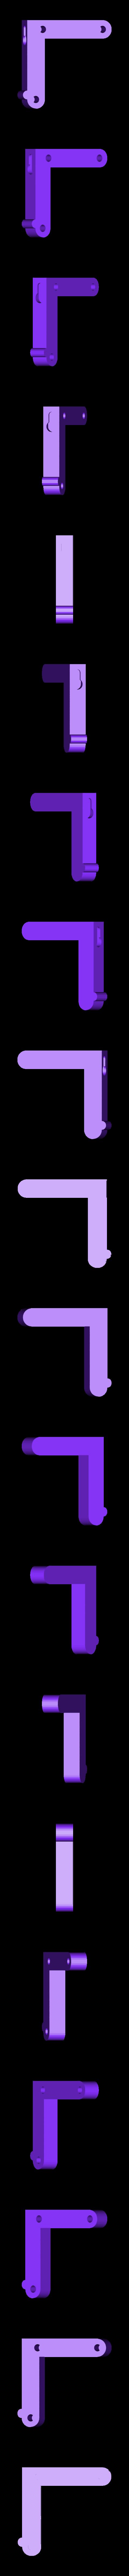 Dishcloth_hanger_-_Right_bracket_by_CreativeTools.se.stl Télécharger fichier STL gratuit Cintre de torchon (imprimable en 3D) • Plan pour impression 3D, CreativeTools